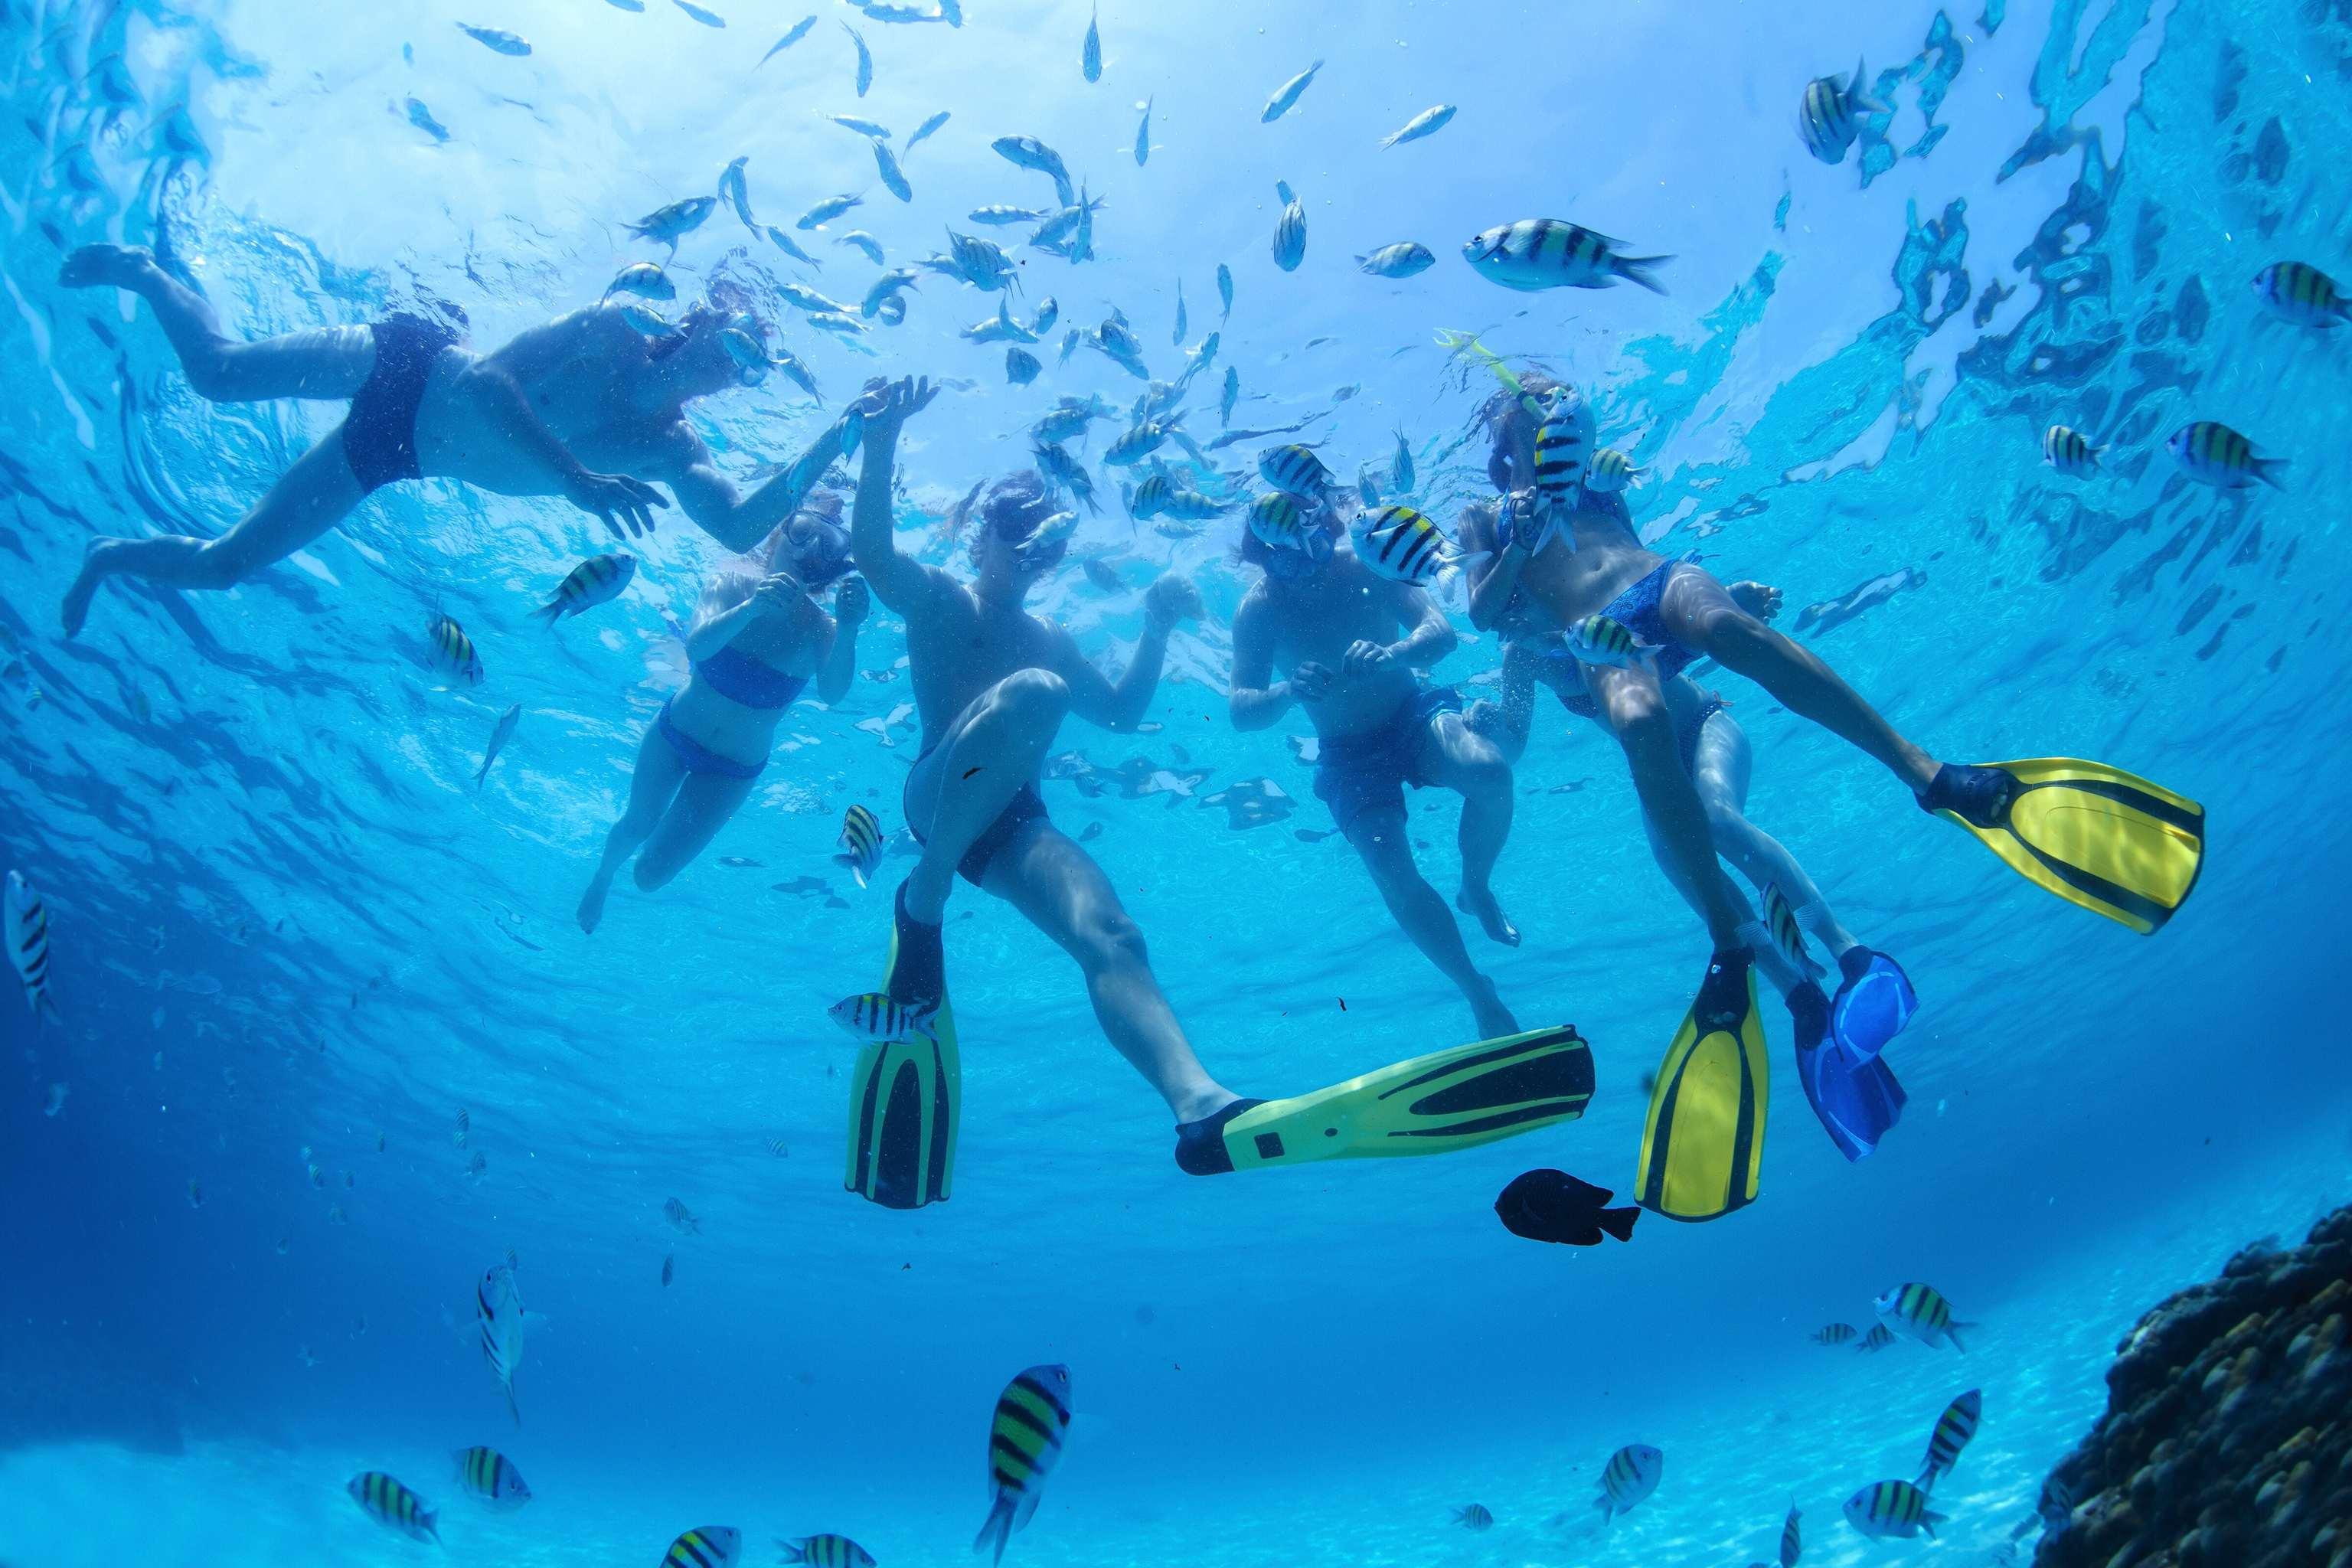 Actividades de agua como buceo y snorkel tienen menos impacto y mejoran la resistencia y potencia muscular, al tiempo que incrementan nuestra capacidad pulmonar.